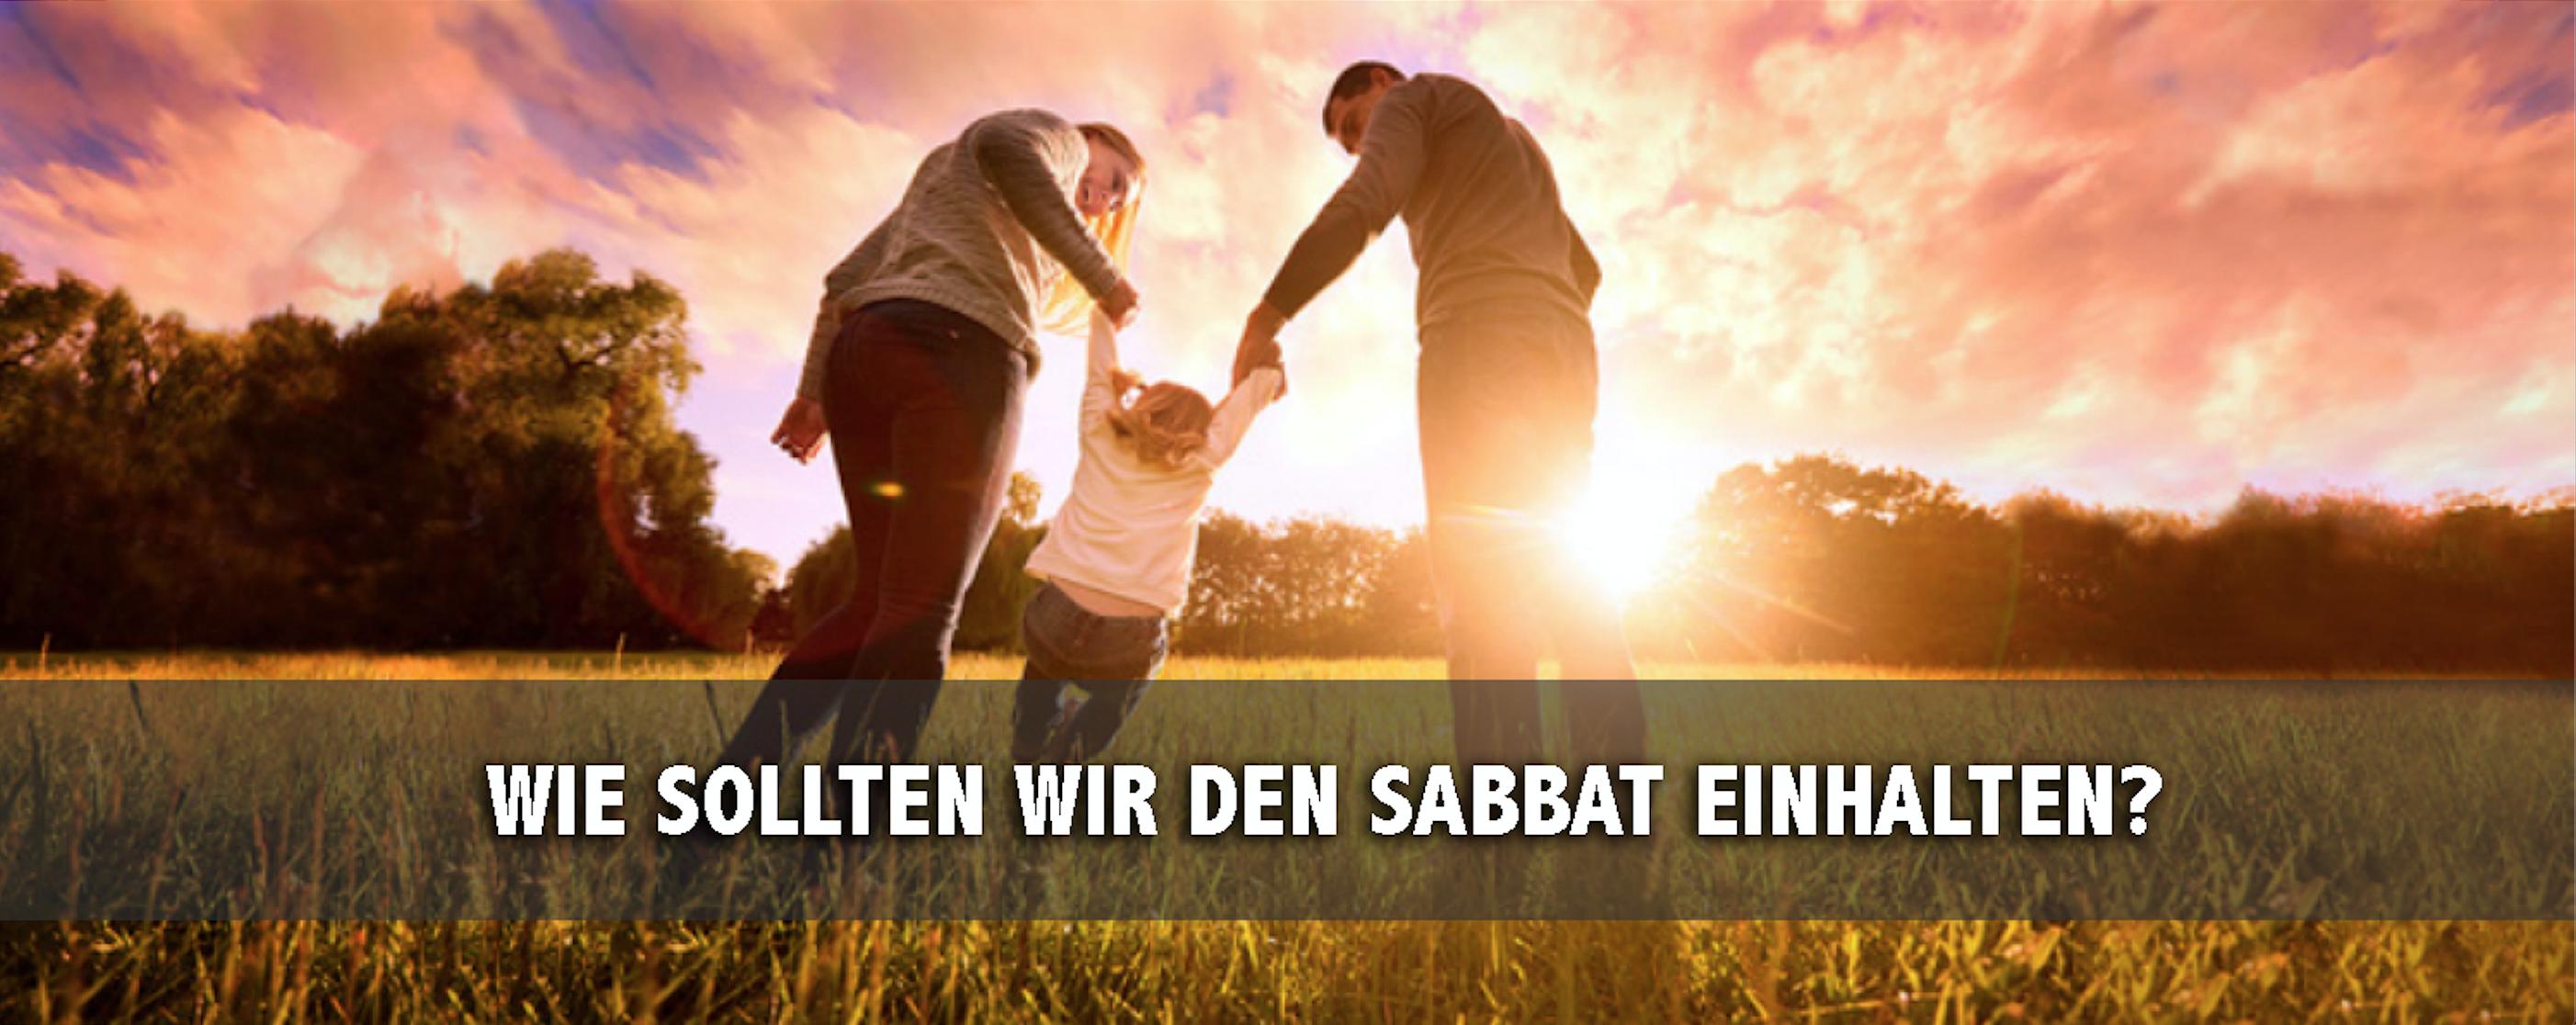 Wie sollten wir den Sabbat einhalten? - slide